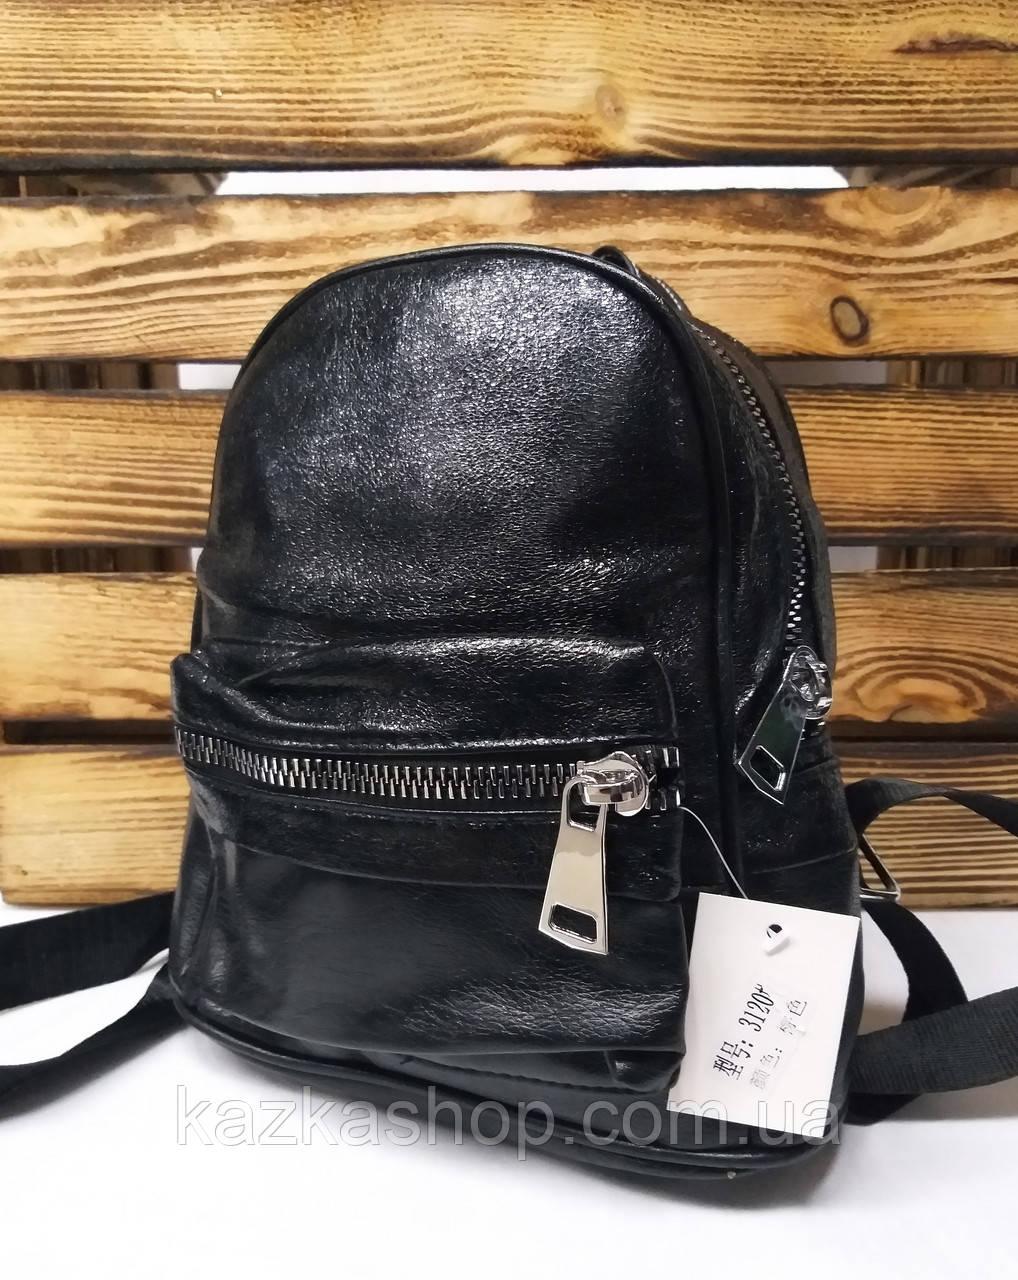 Женский рюкзак черного цвета с широкой молнией и дополнительным отделом спереди